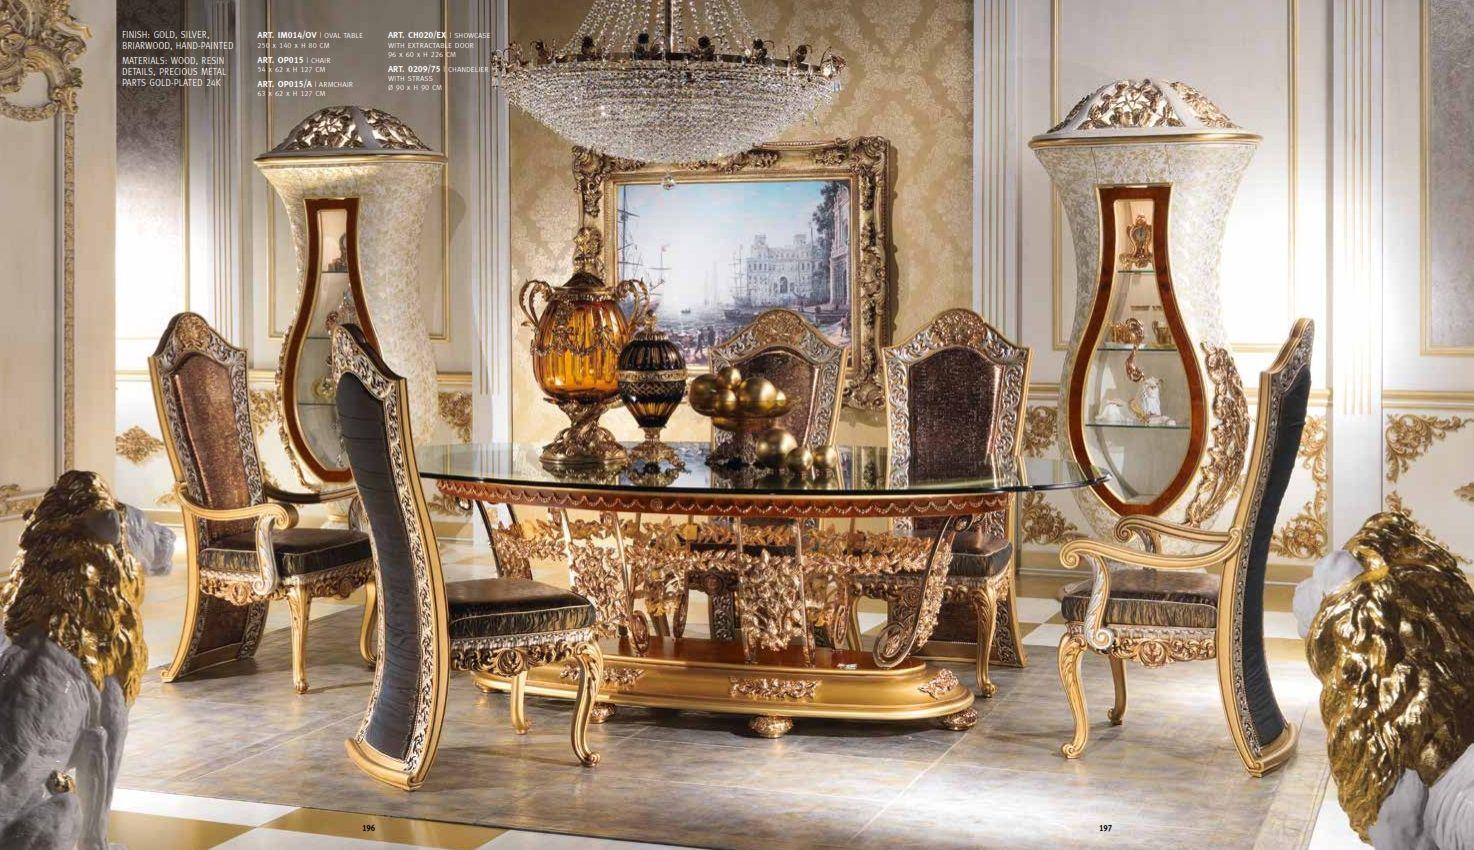 Meubles de luxe salle manger de luxe cappelletti imperial seriesles meubles de l 39 italie - Salle a manger de luxe ...